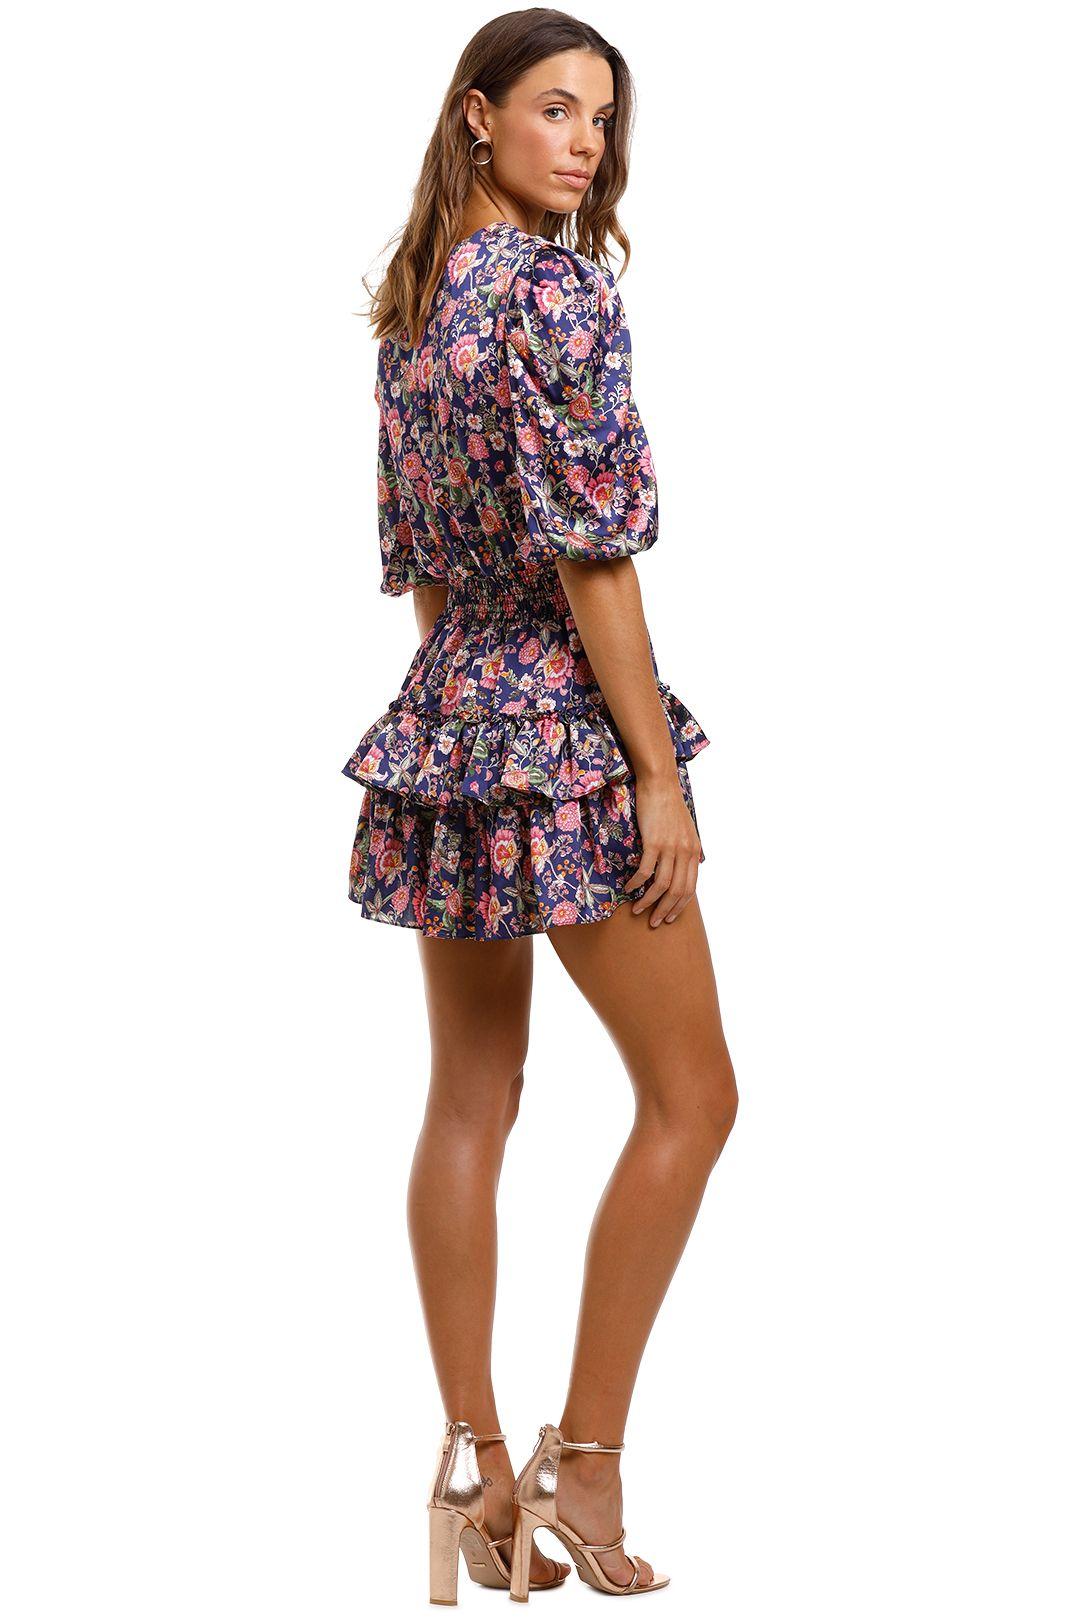 Misa LA Lilah Dress Ruffles